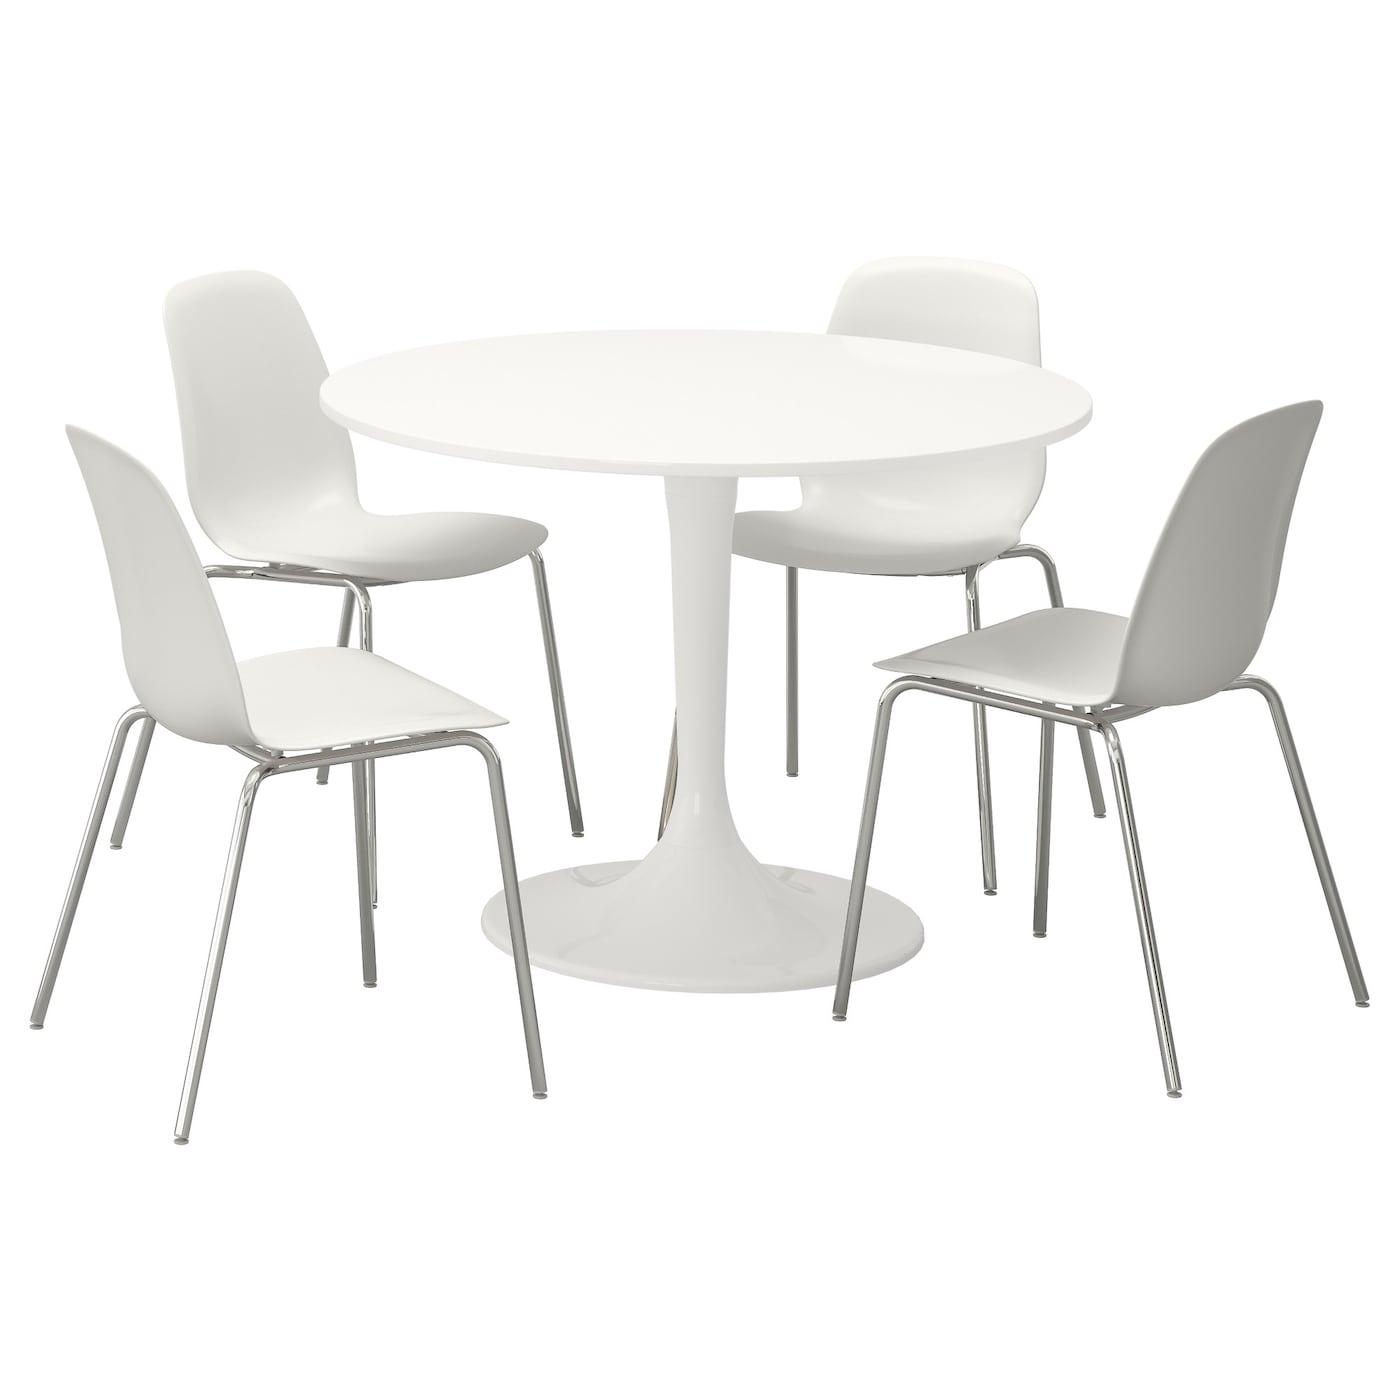 Eetkamerset eettafel met stoelen design goedkoop ikea for Ikea tafels